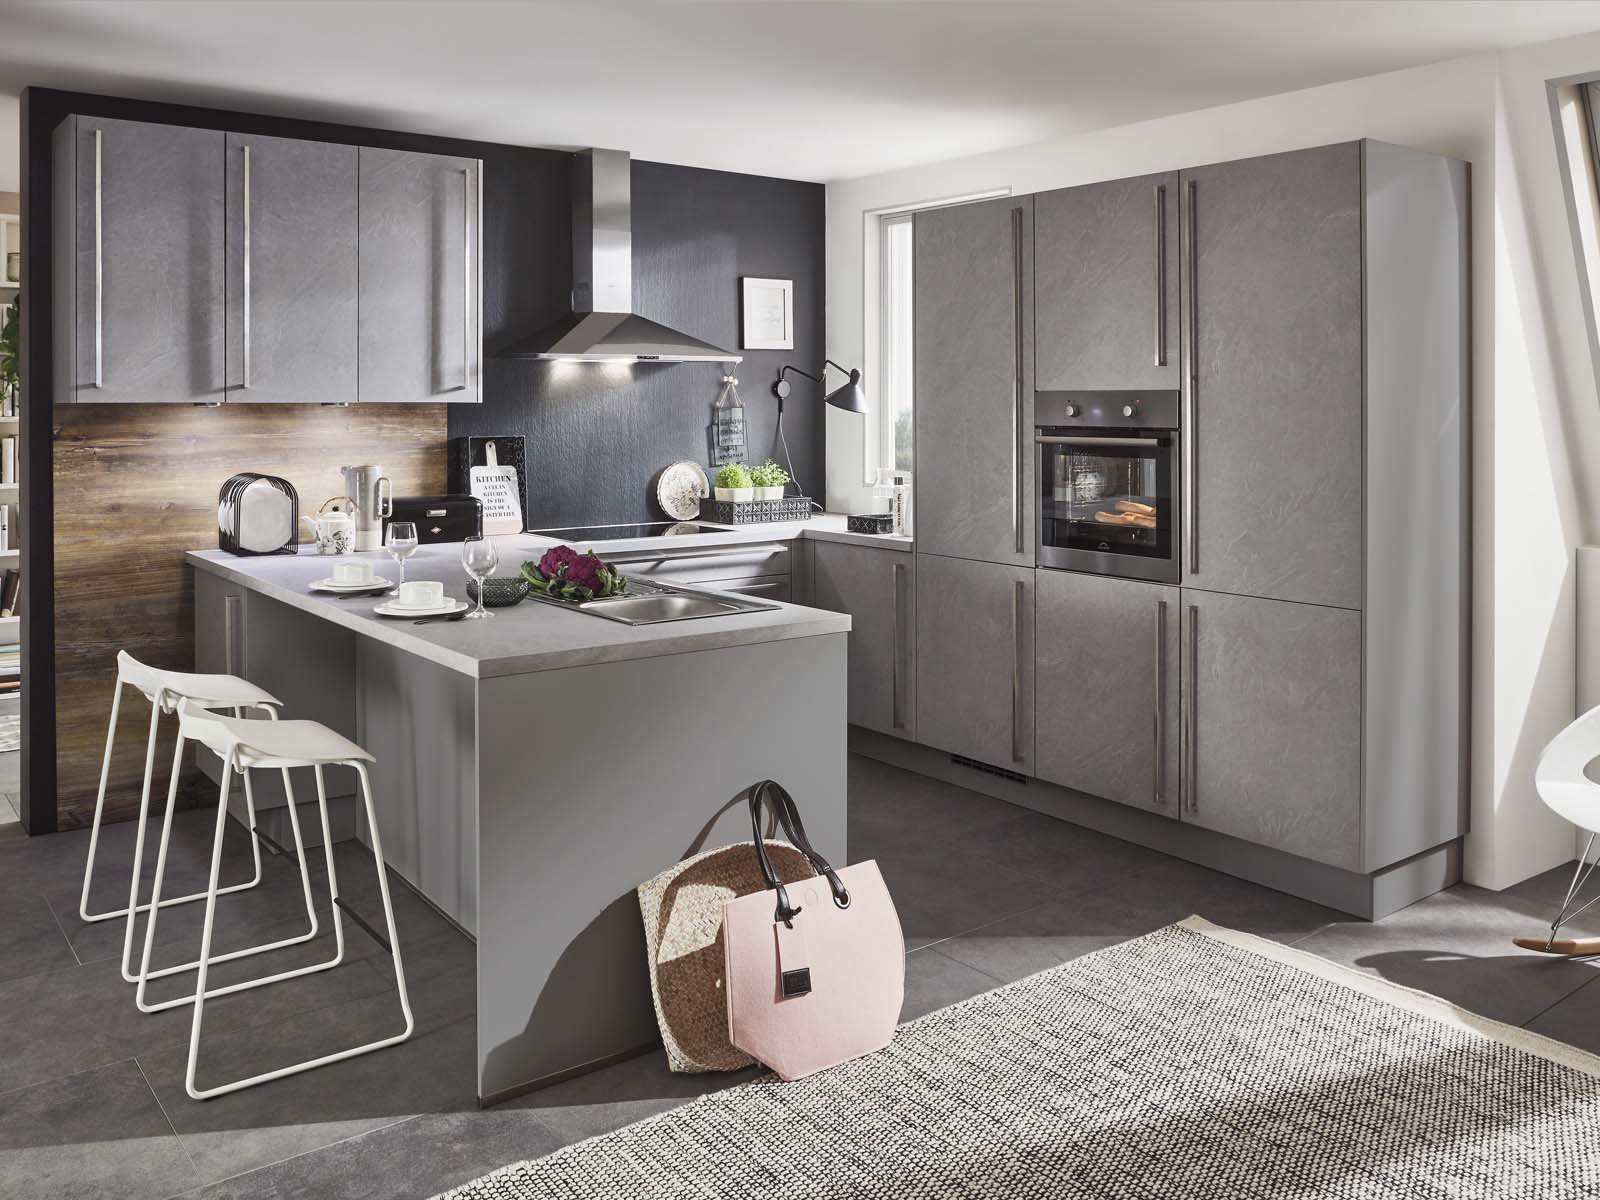 Modern Kitchen Küchentime StoneArt 304